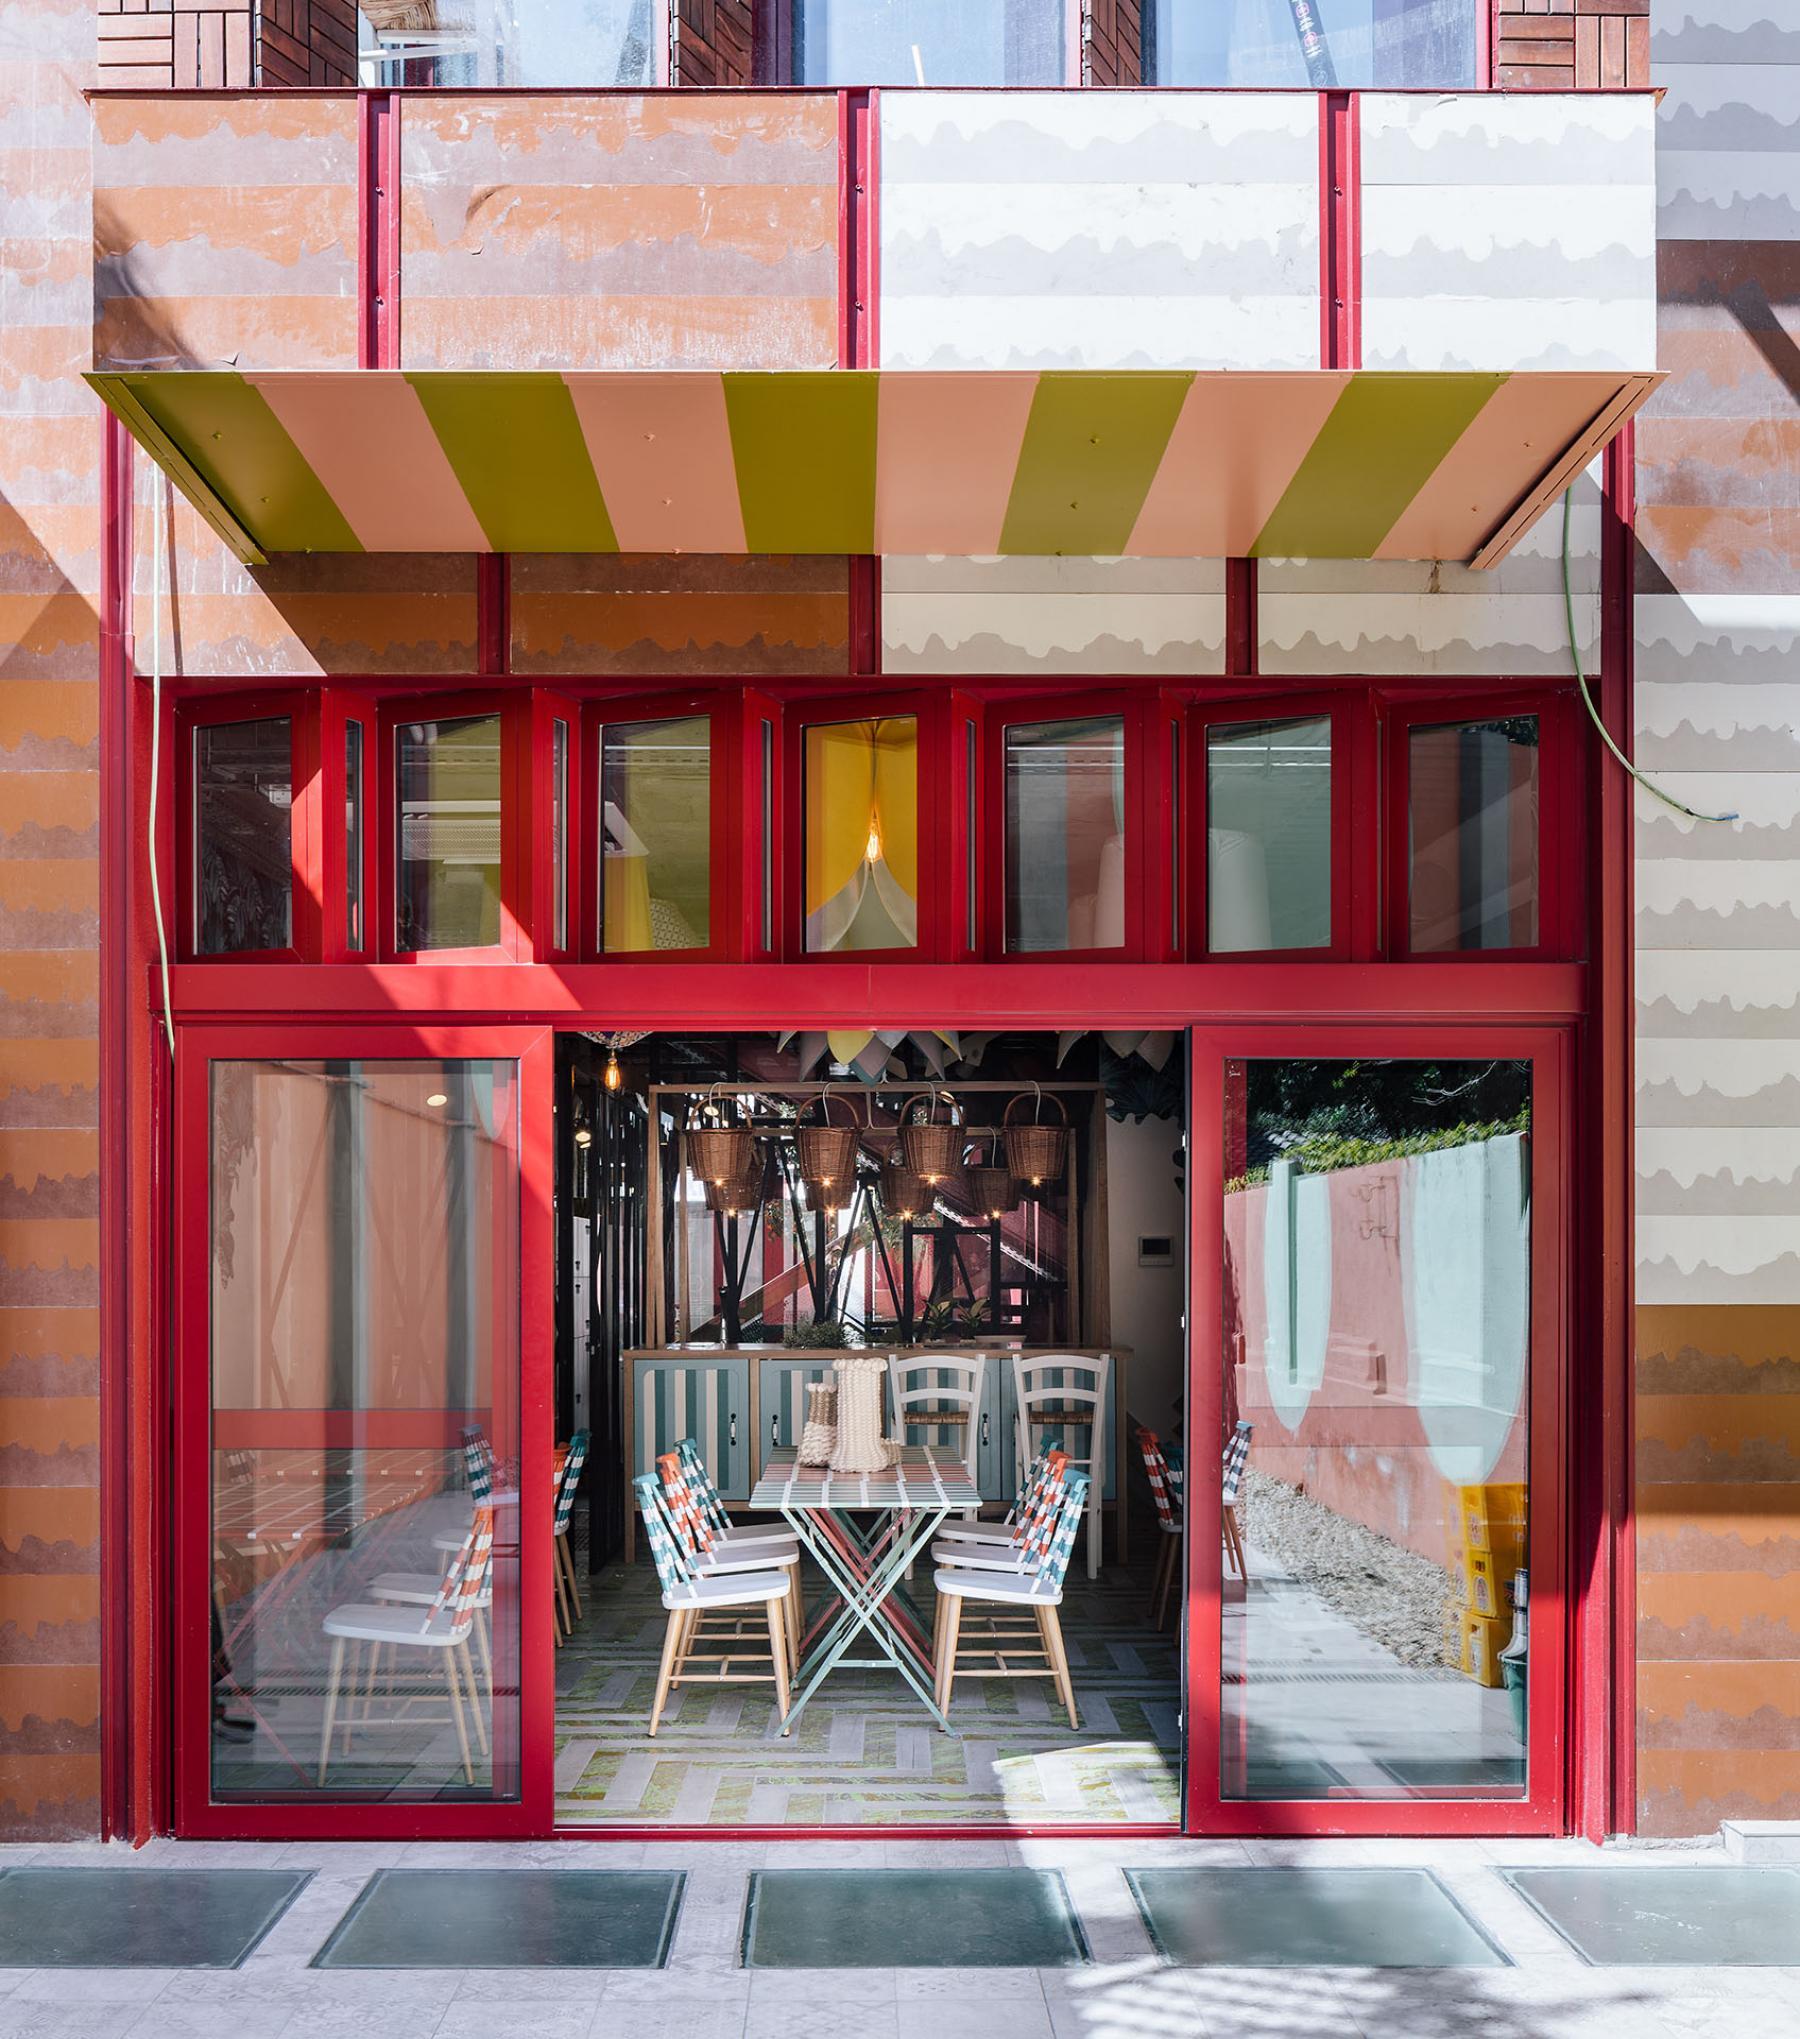 Alquilar oficinas Calle Bretón de los Herreros 9, Barcelona (2)